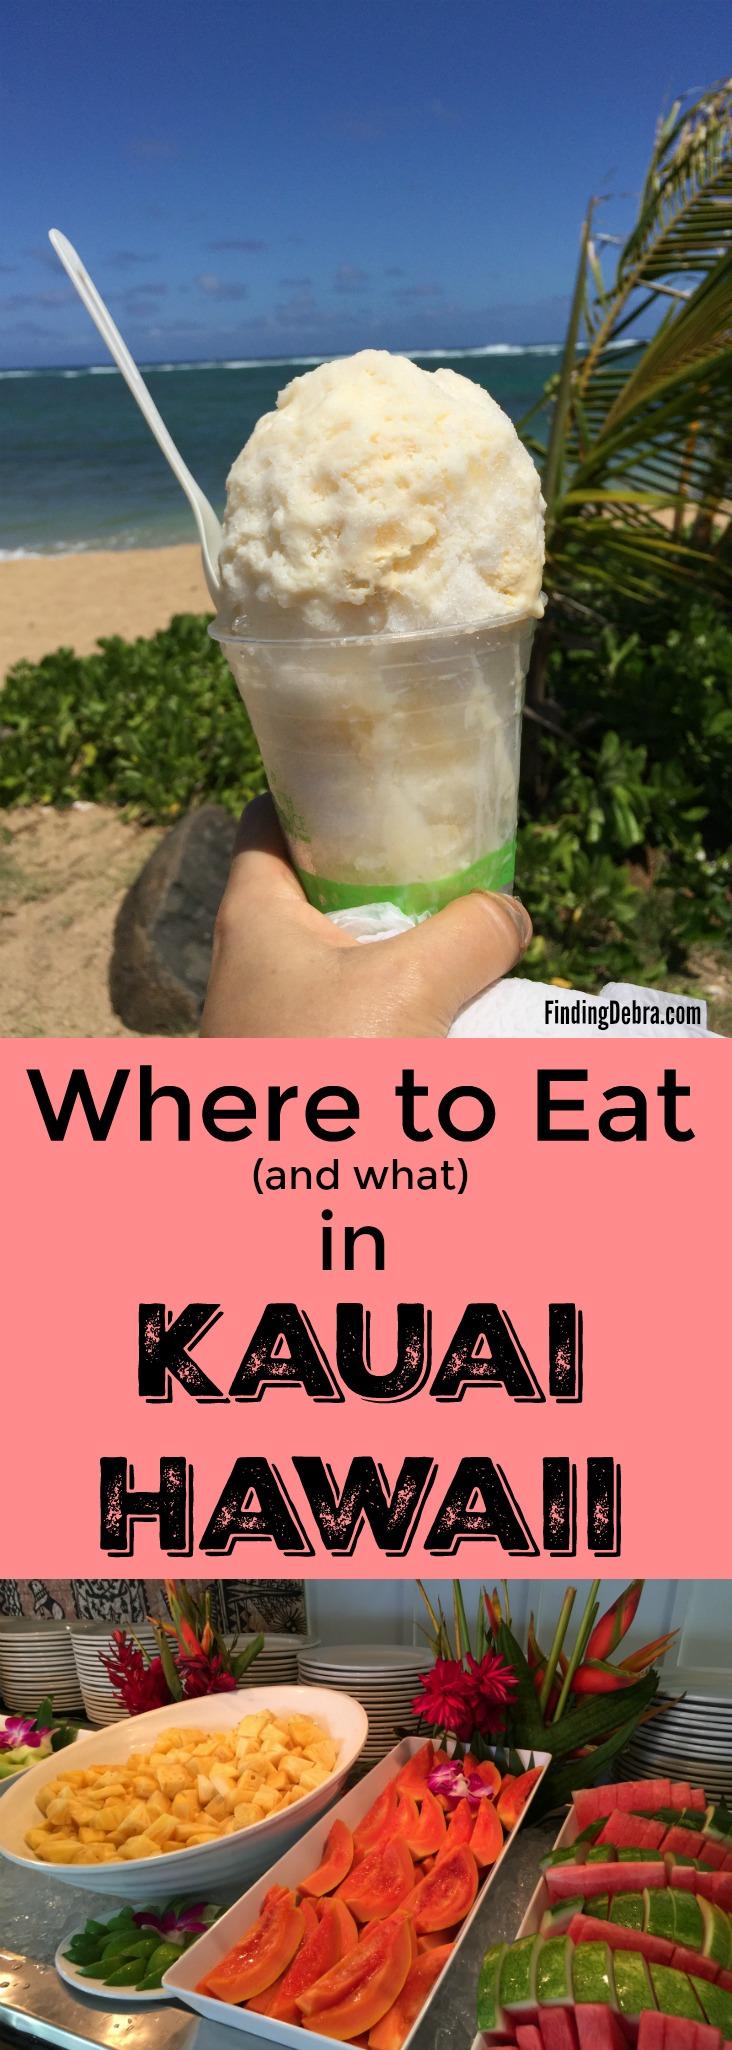 Where to eat and what in Kauai Hawaii